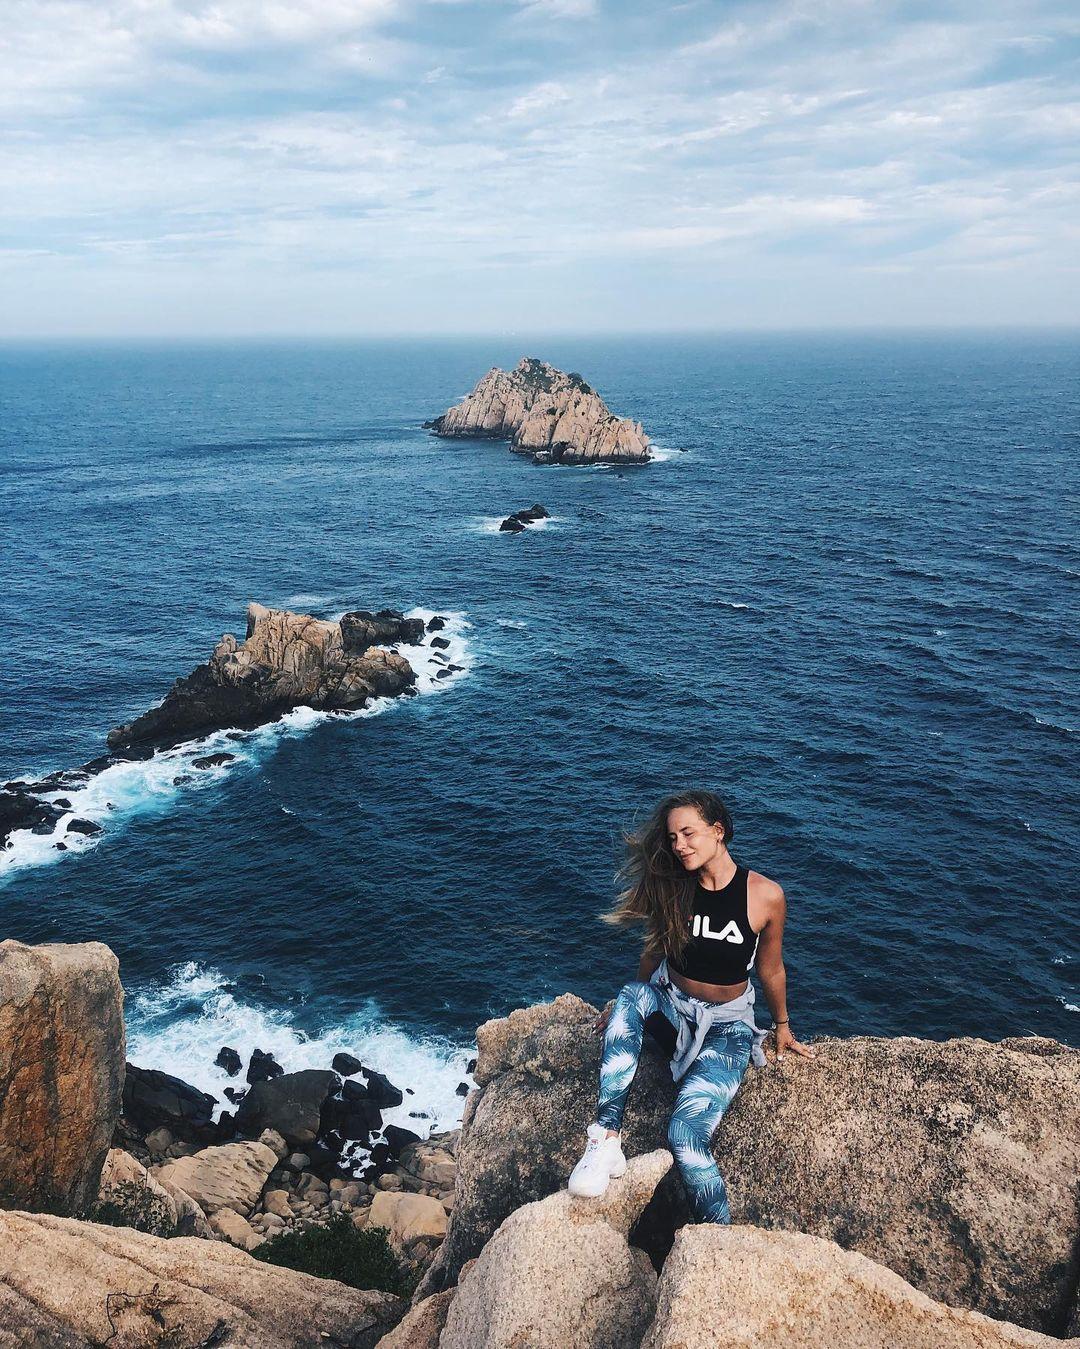 Đảo Robinson. Hình: @olgavolchenko